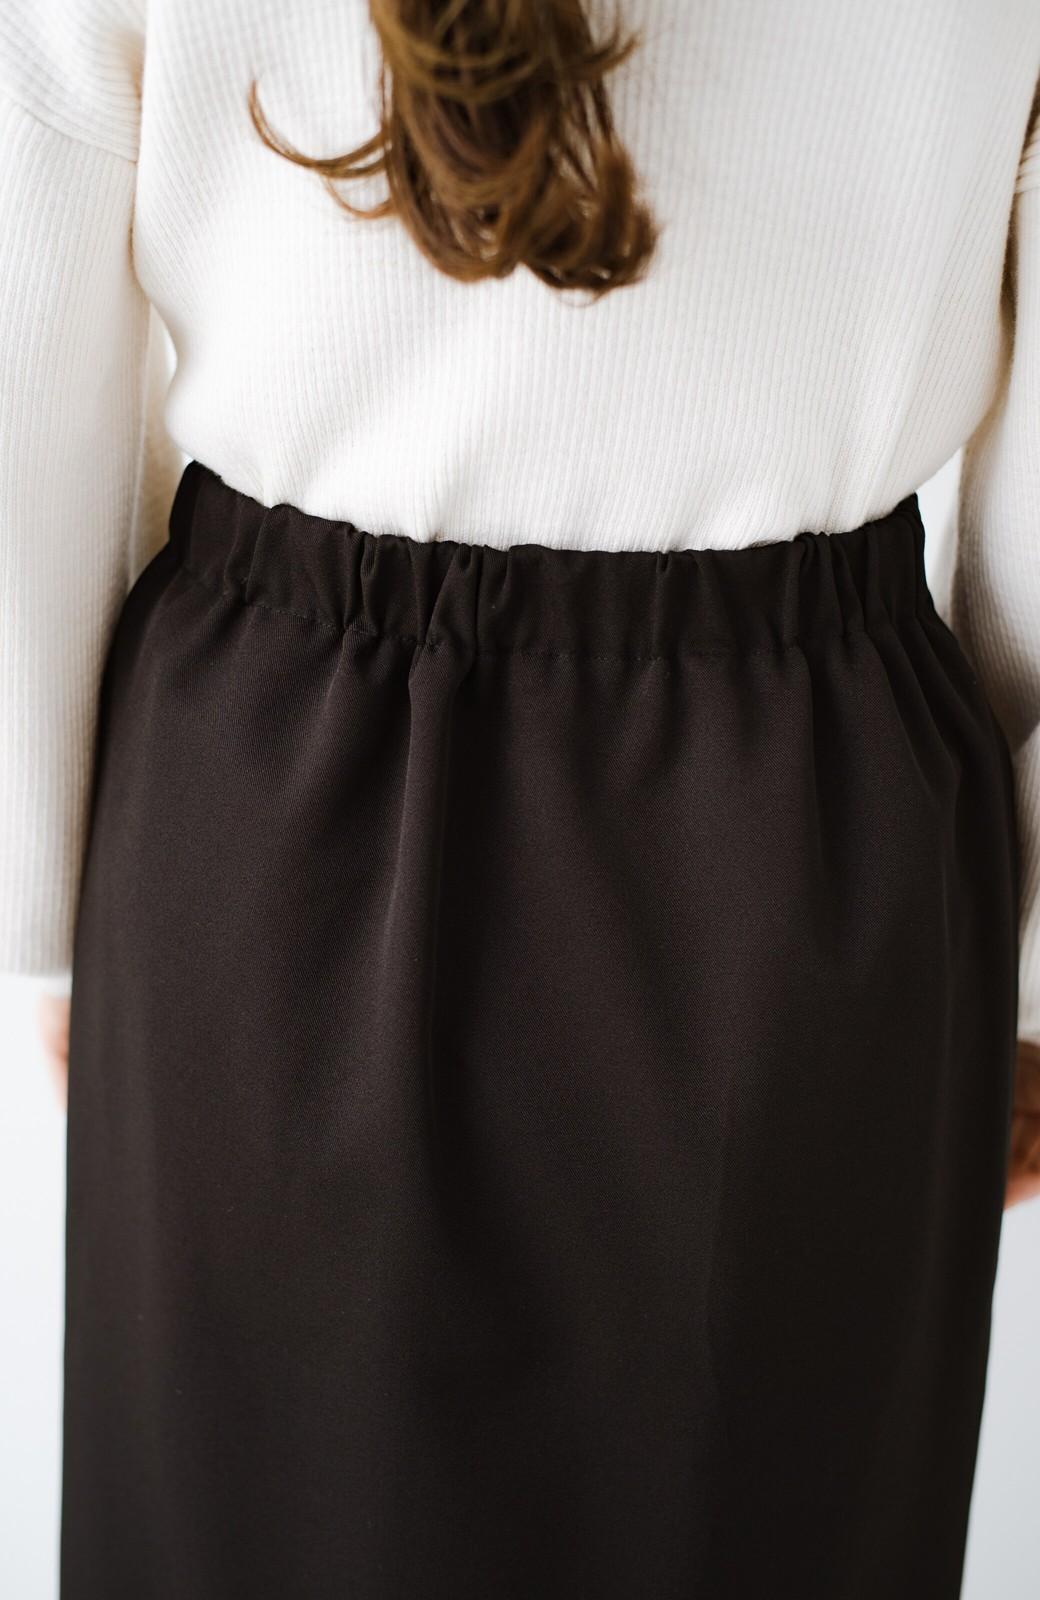 haco! いざというとき困らないための 大人のフォーマルジャケット・スカート2点セット by que made me <ブラック>の商品写真8